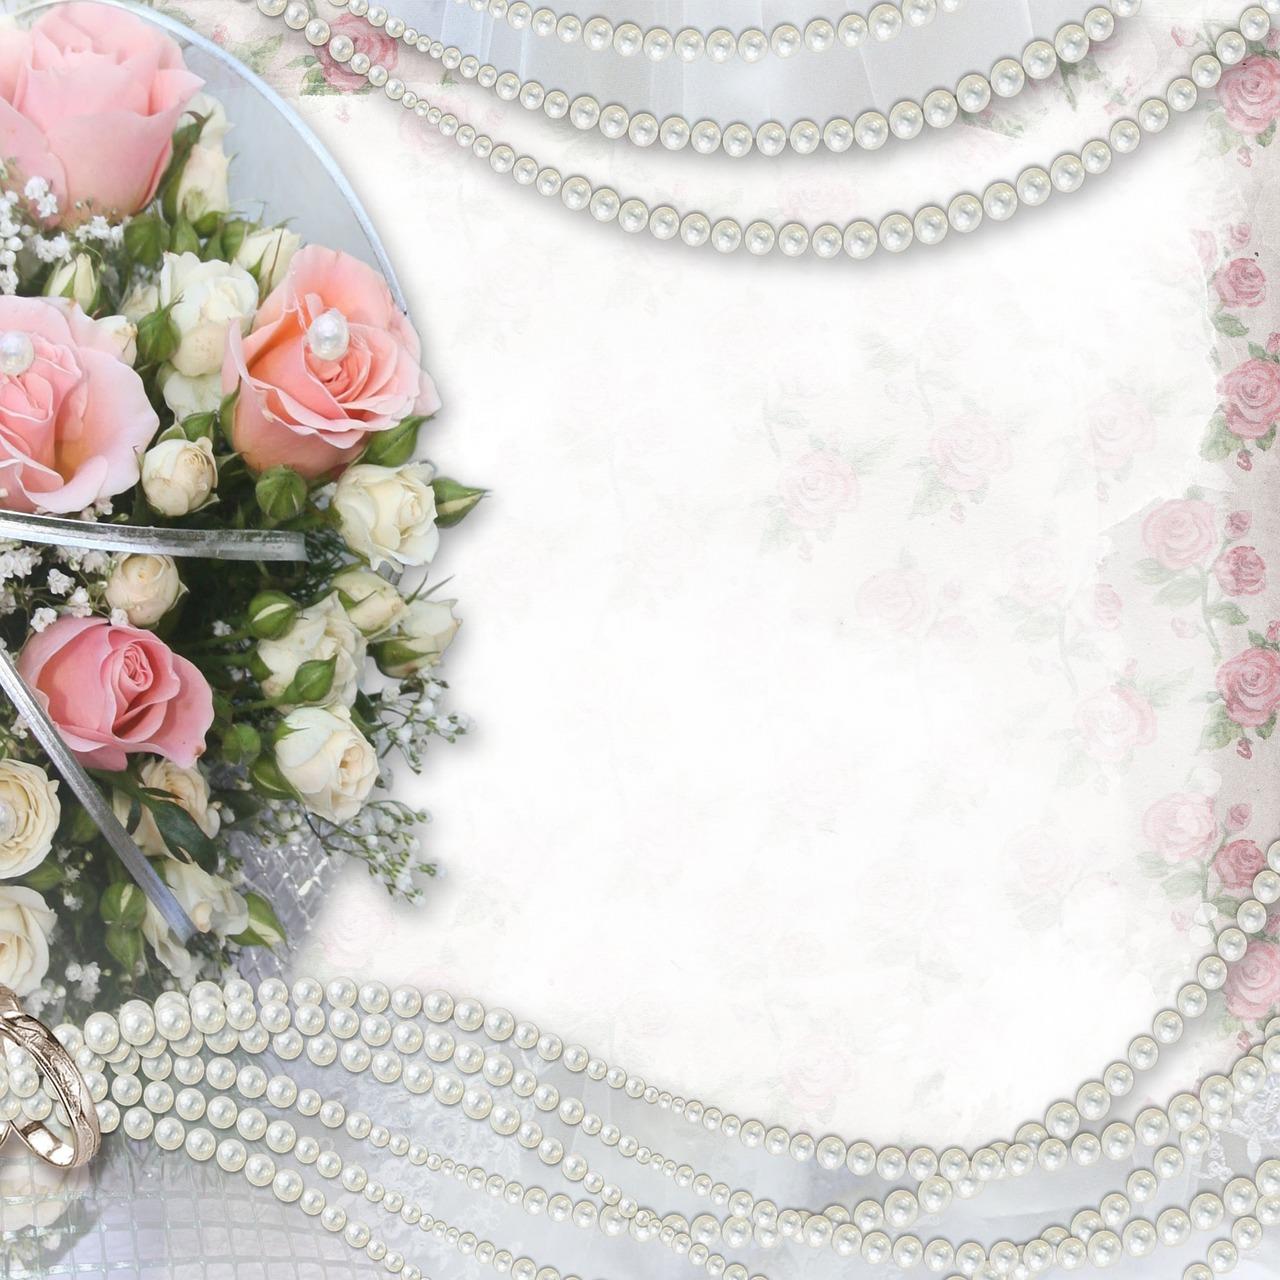 Фон для поздравительной открытки с днем свадьбы 84